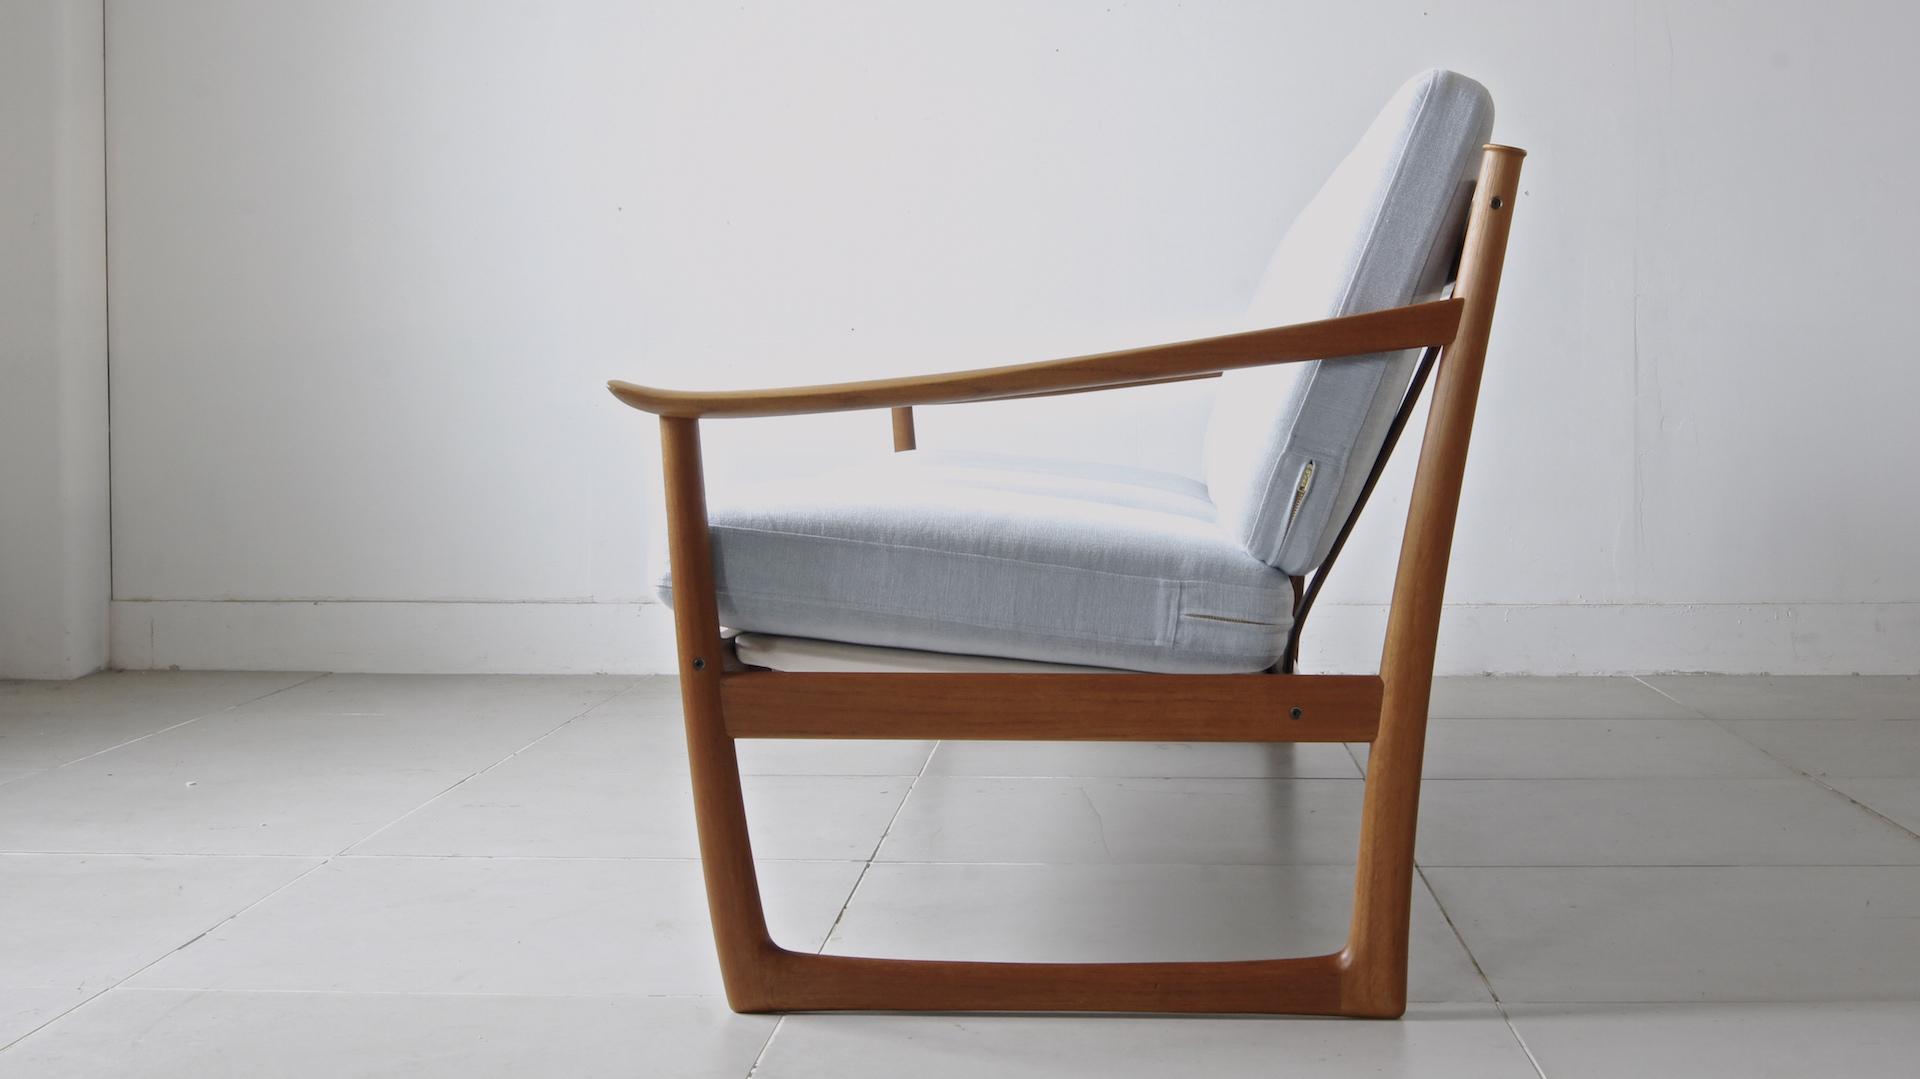 Sofa by Peter Hvidt and Orla Mølgaard-Nielsen